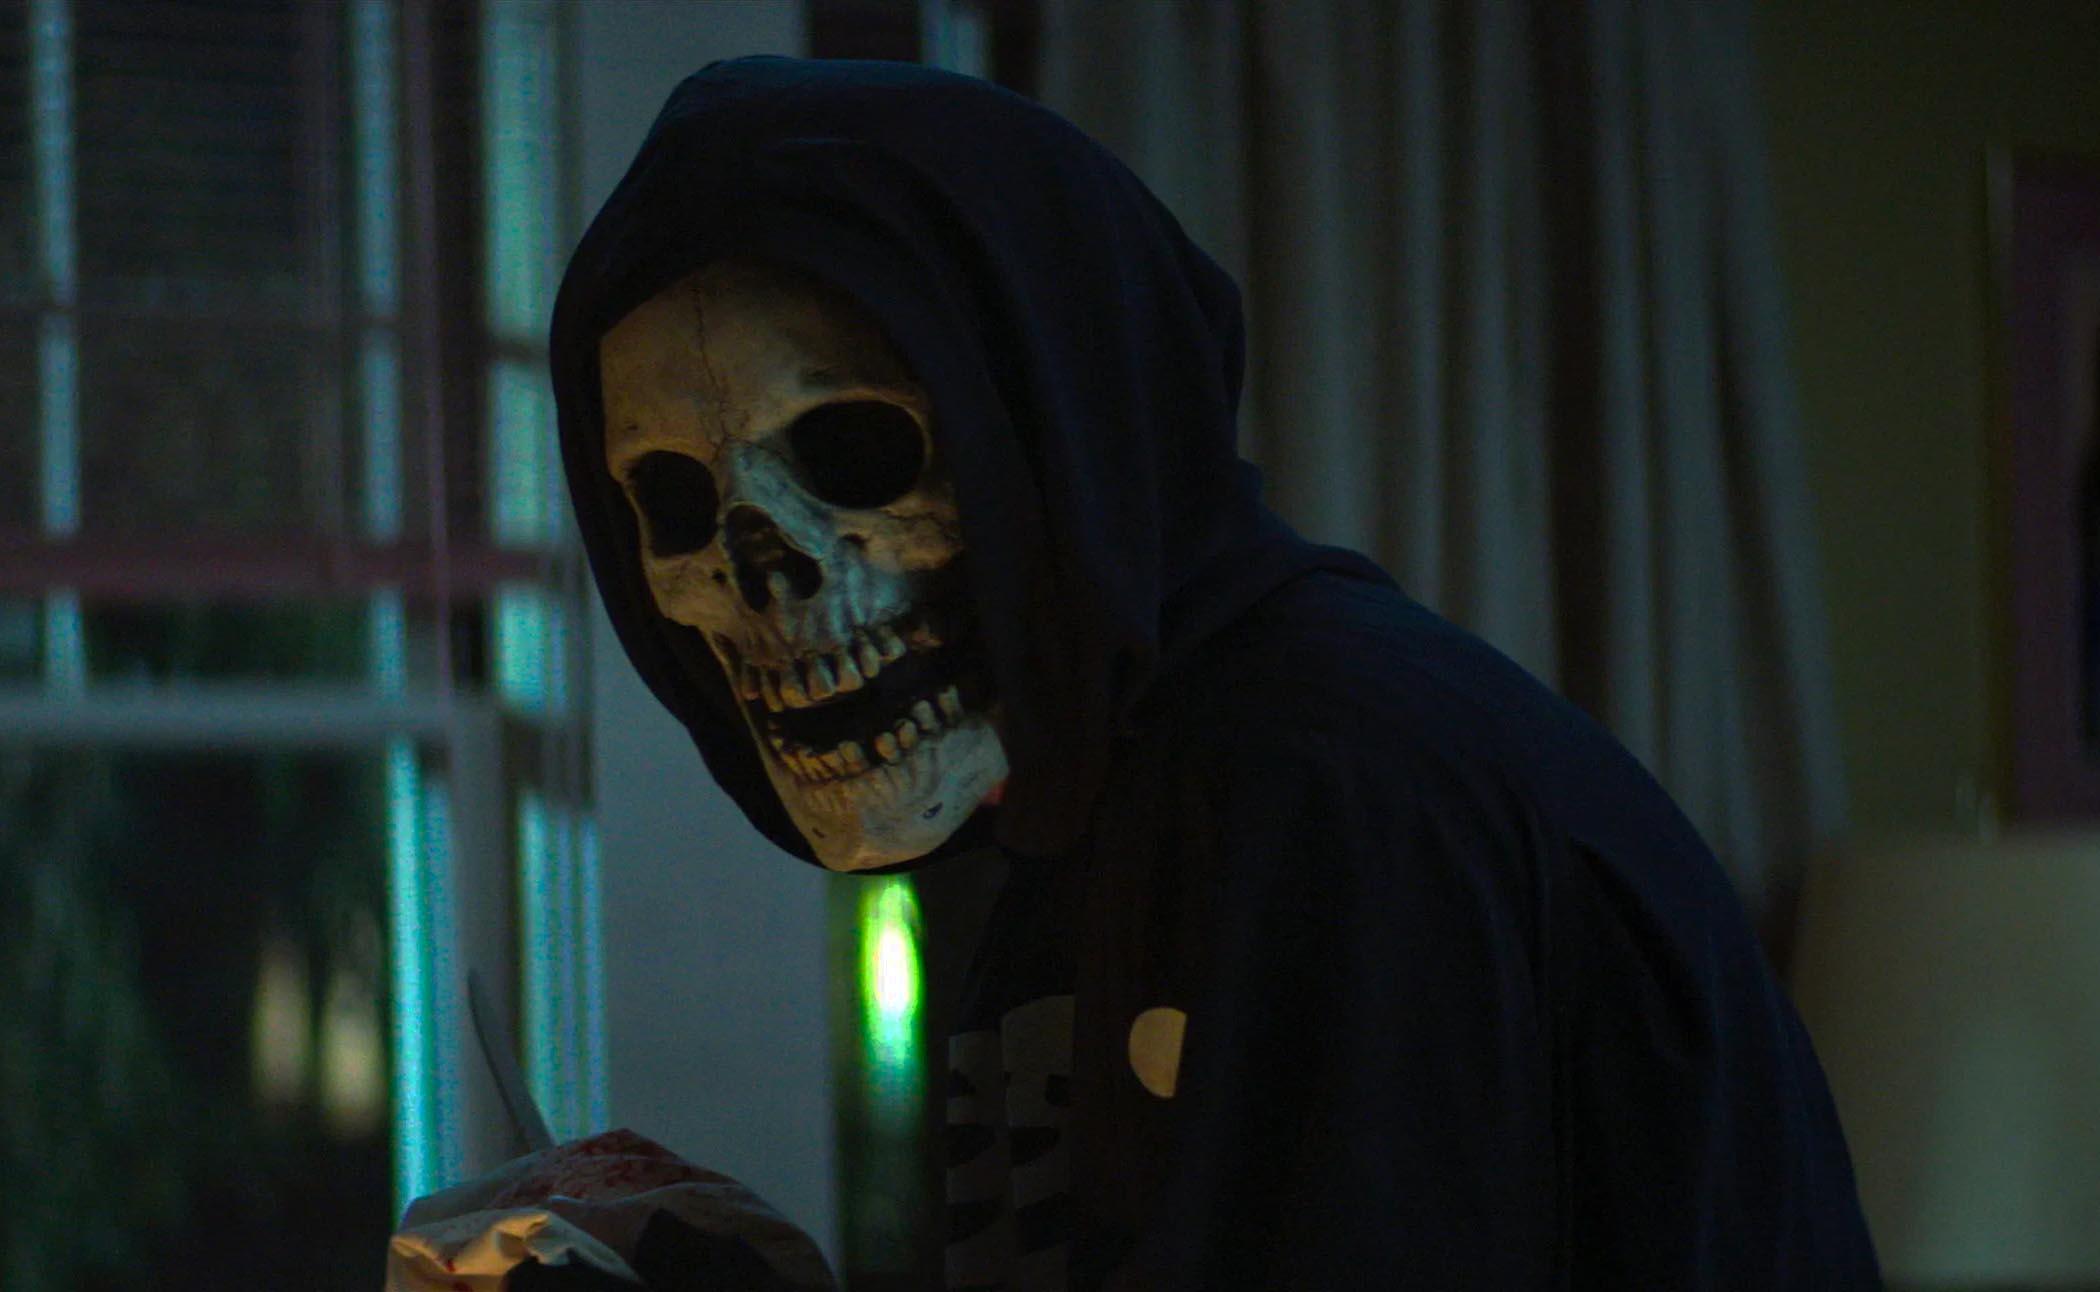 Klart for Fear Street 1, 2 og 3 (Netflix)